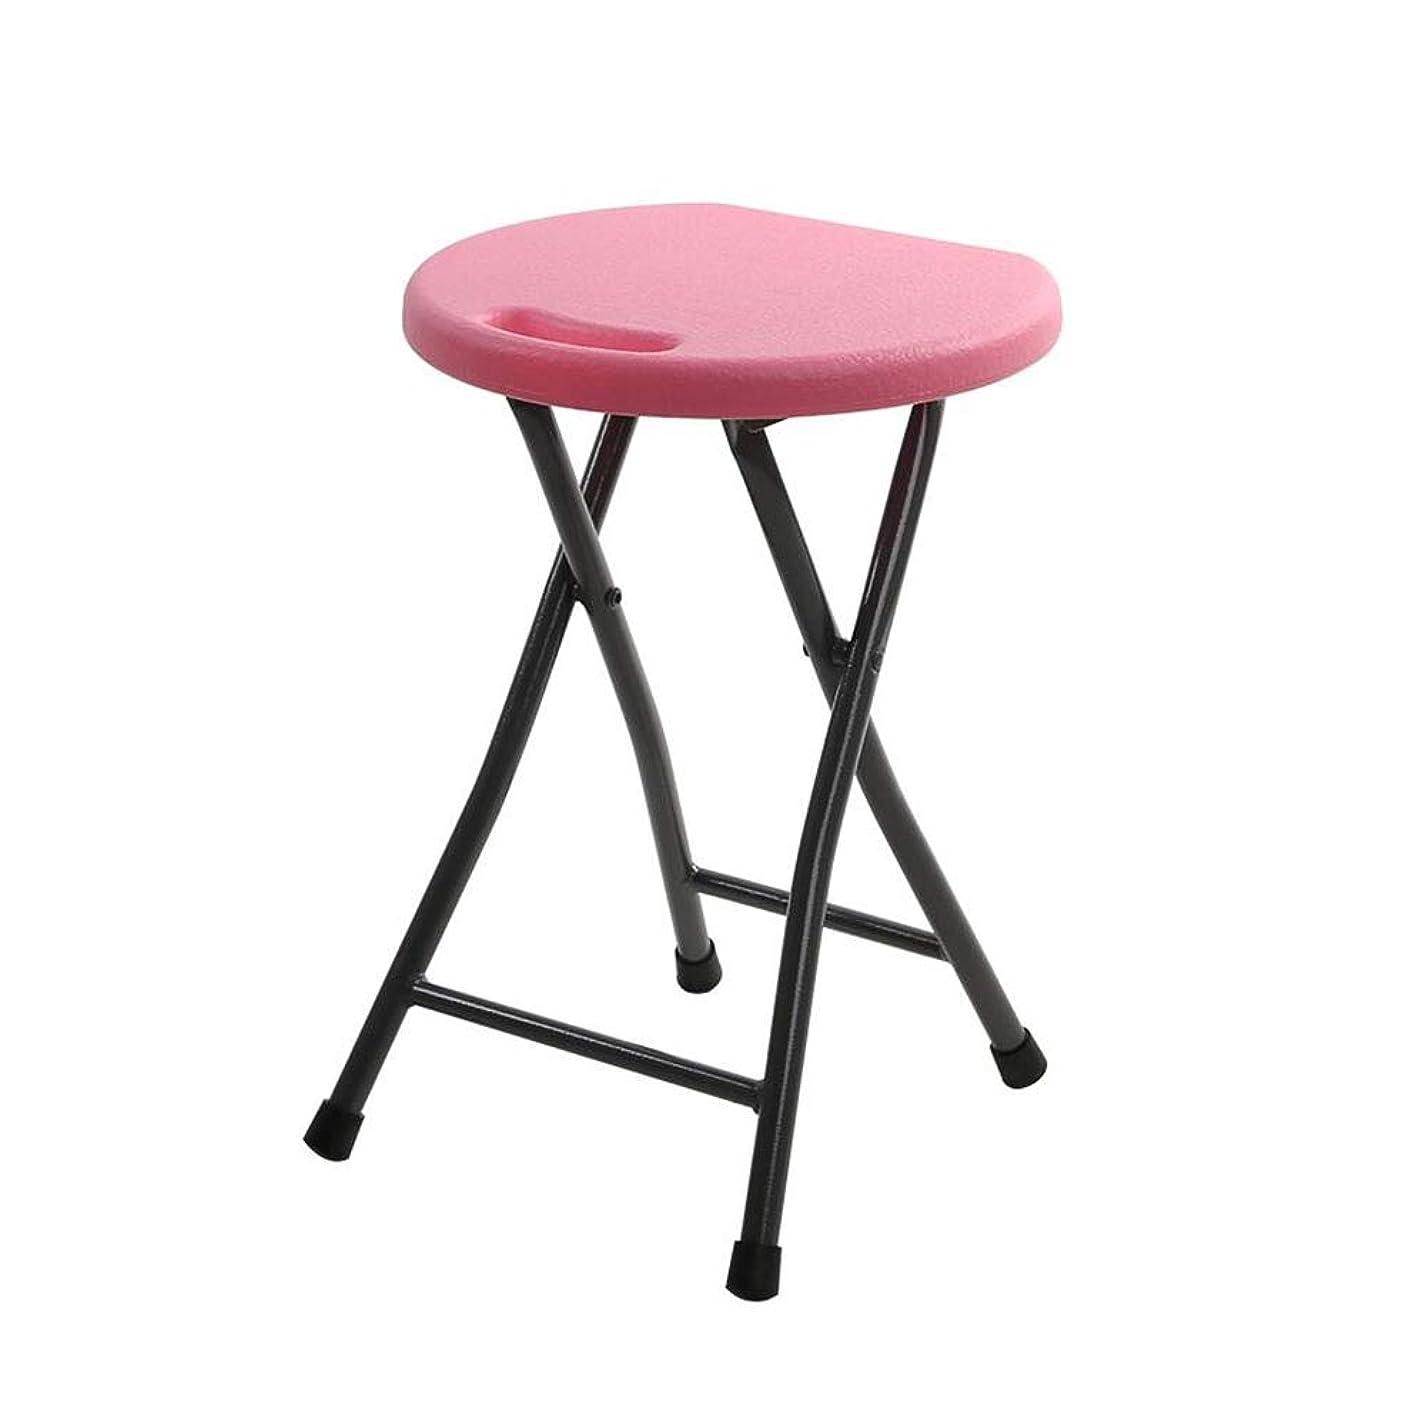 承知しました進化WYYY 事務用椅子 折りたたみ可能 スツール 高い 力 200kg 容量 ユニーク 人間工学に基づいた シート 設計 46cm 高さ 強い耐久性 (色 : ピンク)